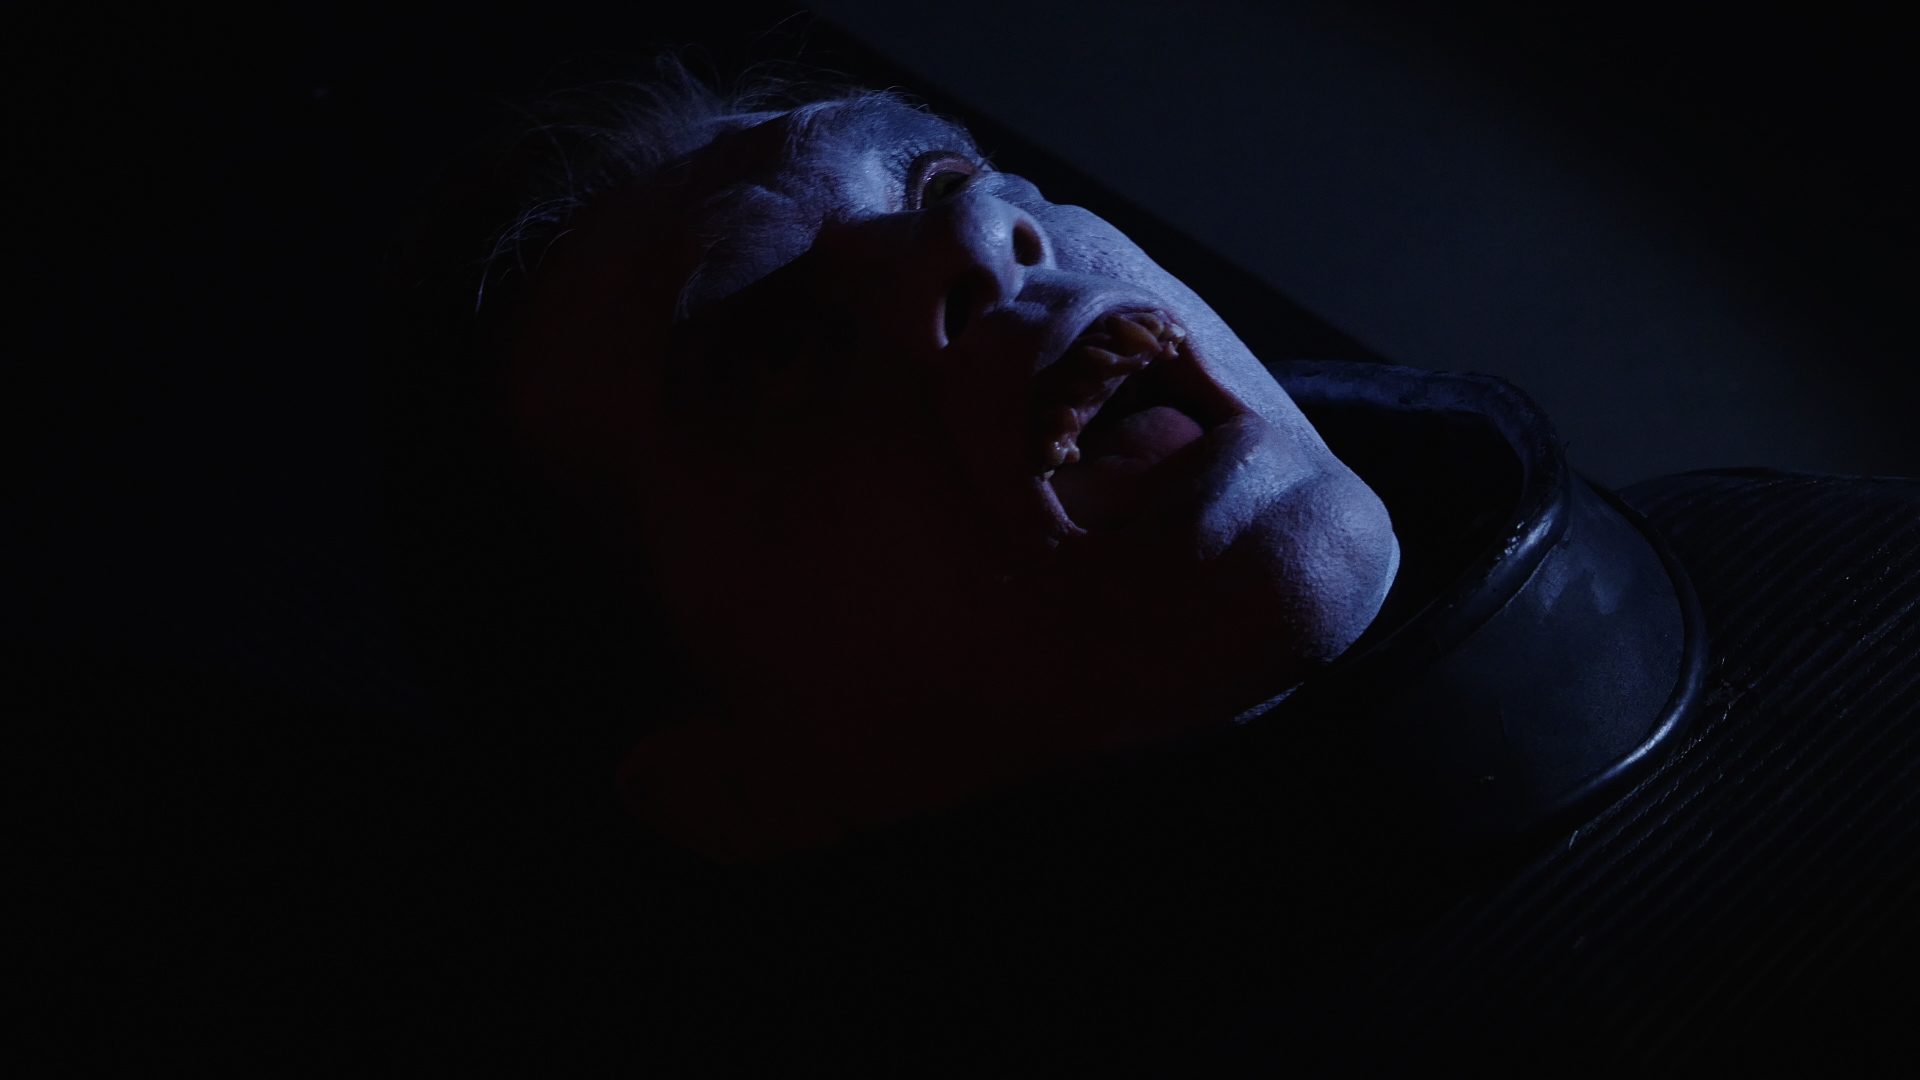 dead vamp - McD.jpg